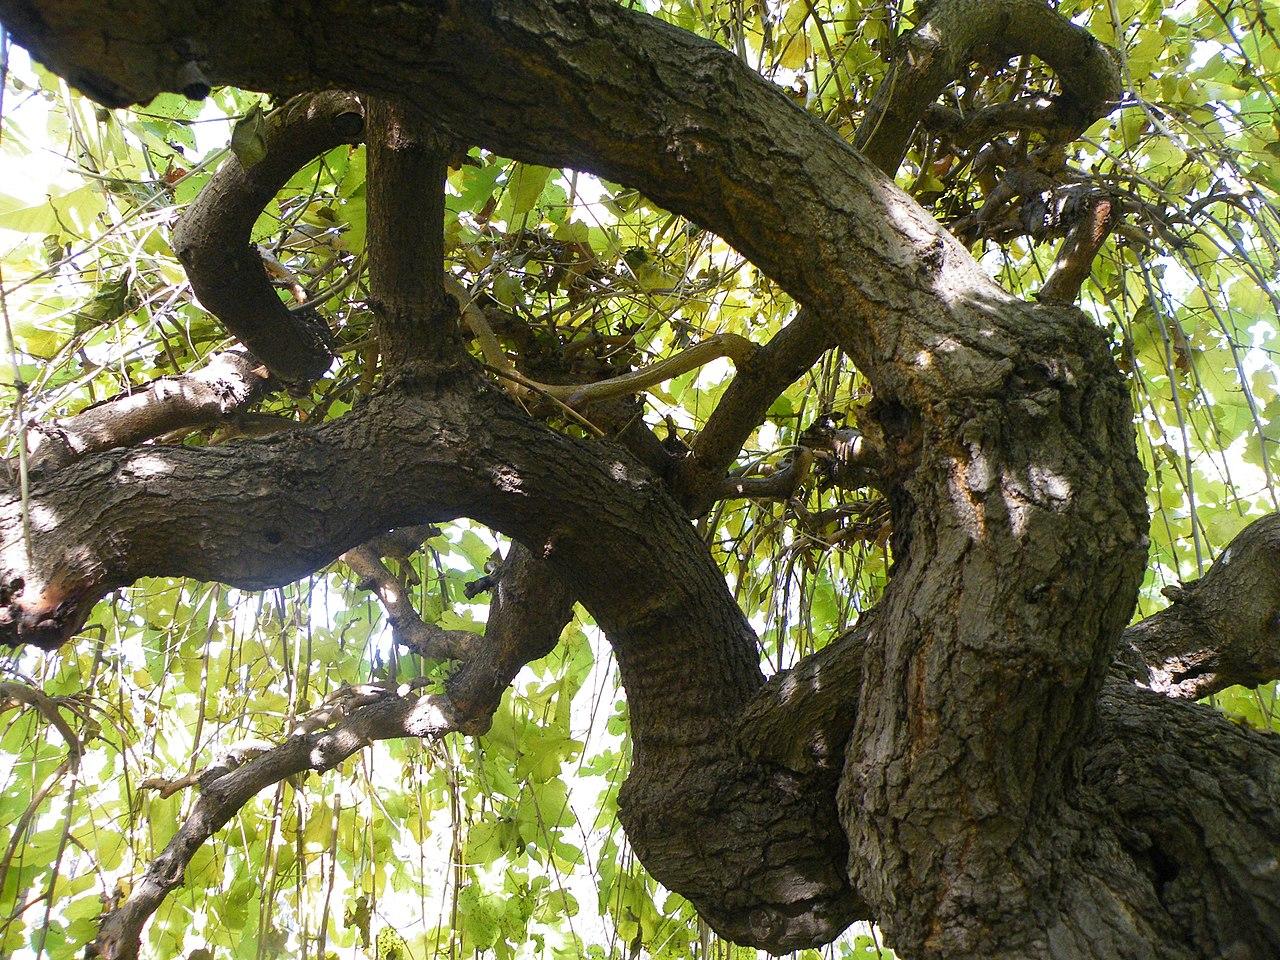 Vista del tronco de una morera